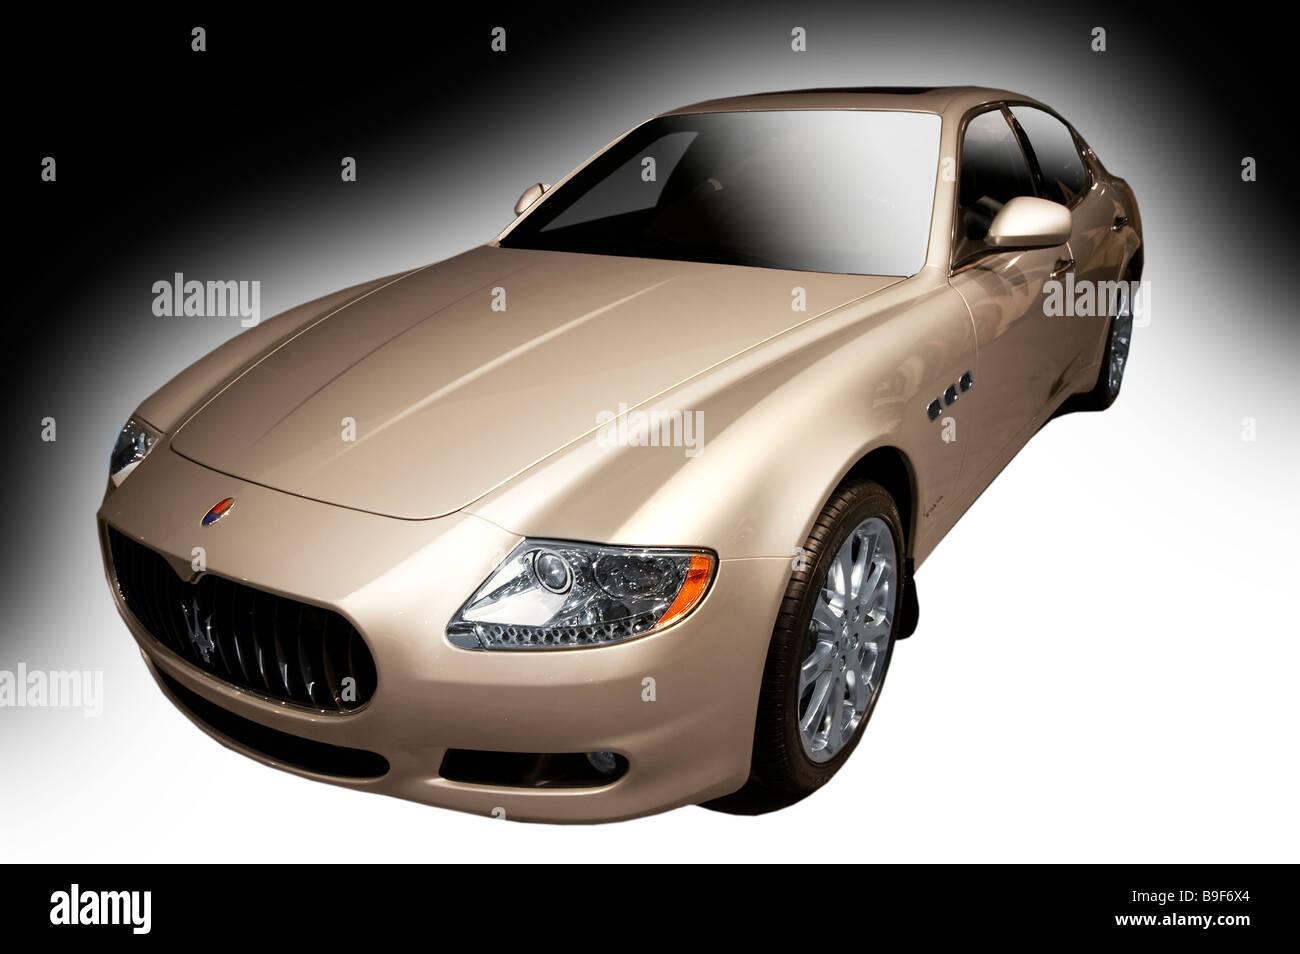 Stock Photo of a silver Maserati Quattroporte - Stock Image